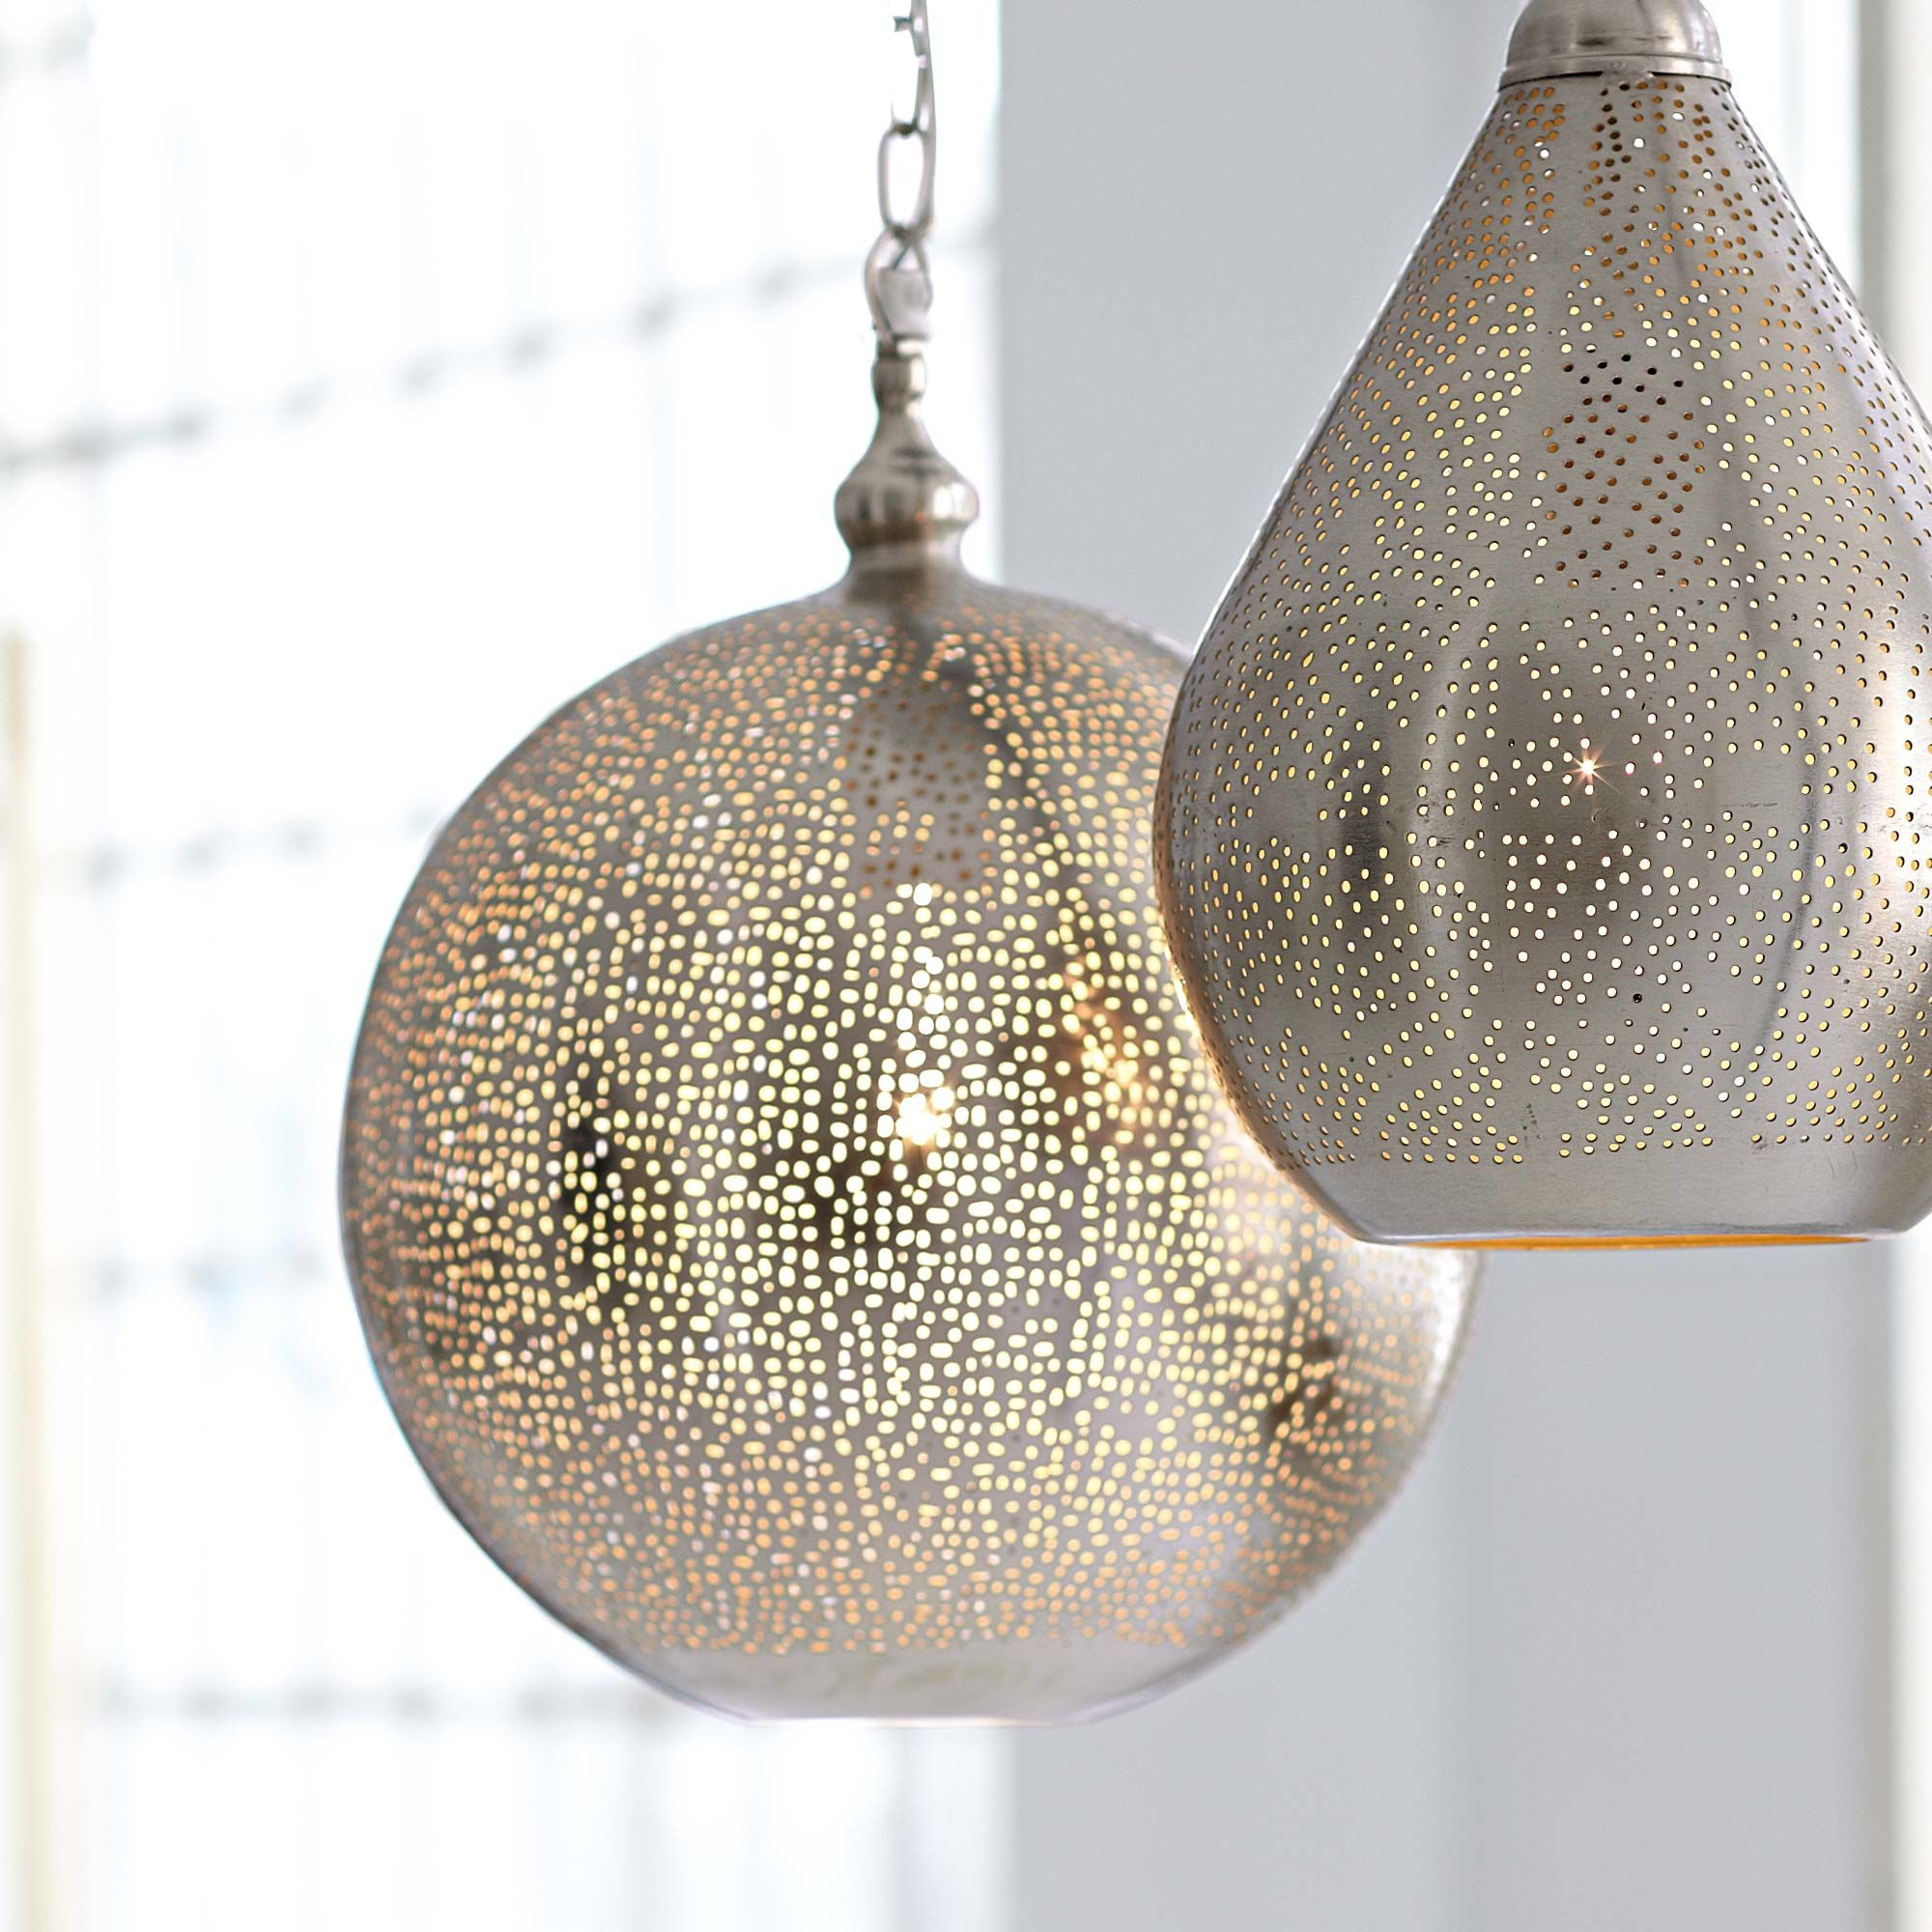 Deckenleuchte Im Impressionen Online Shop Lampen Hängeleuchte Lampen Wohnzimmer